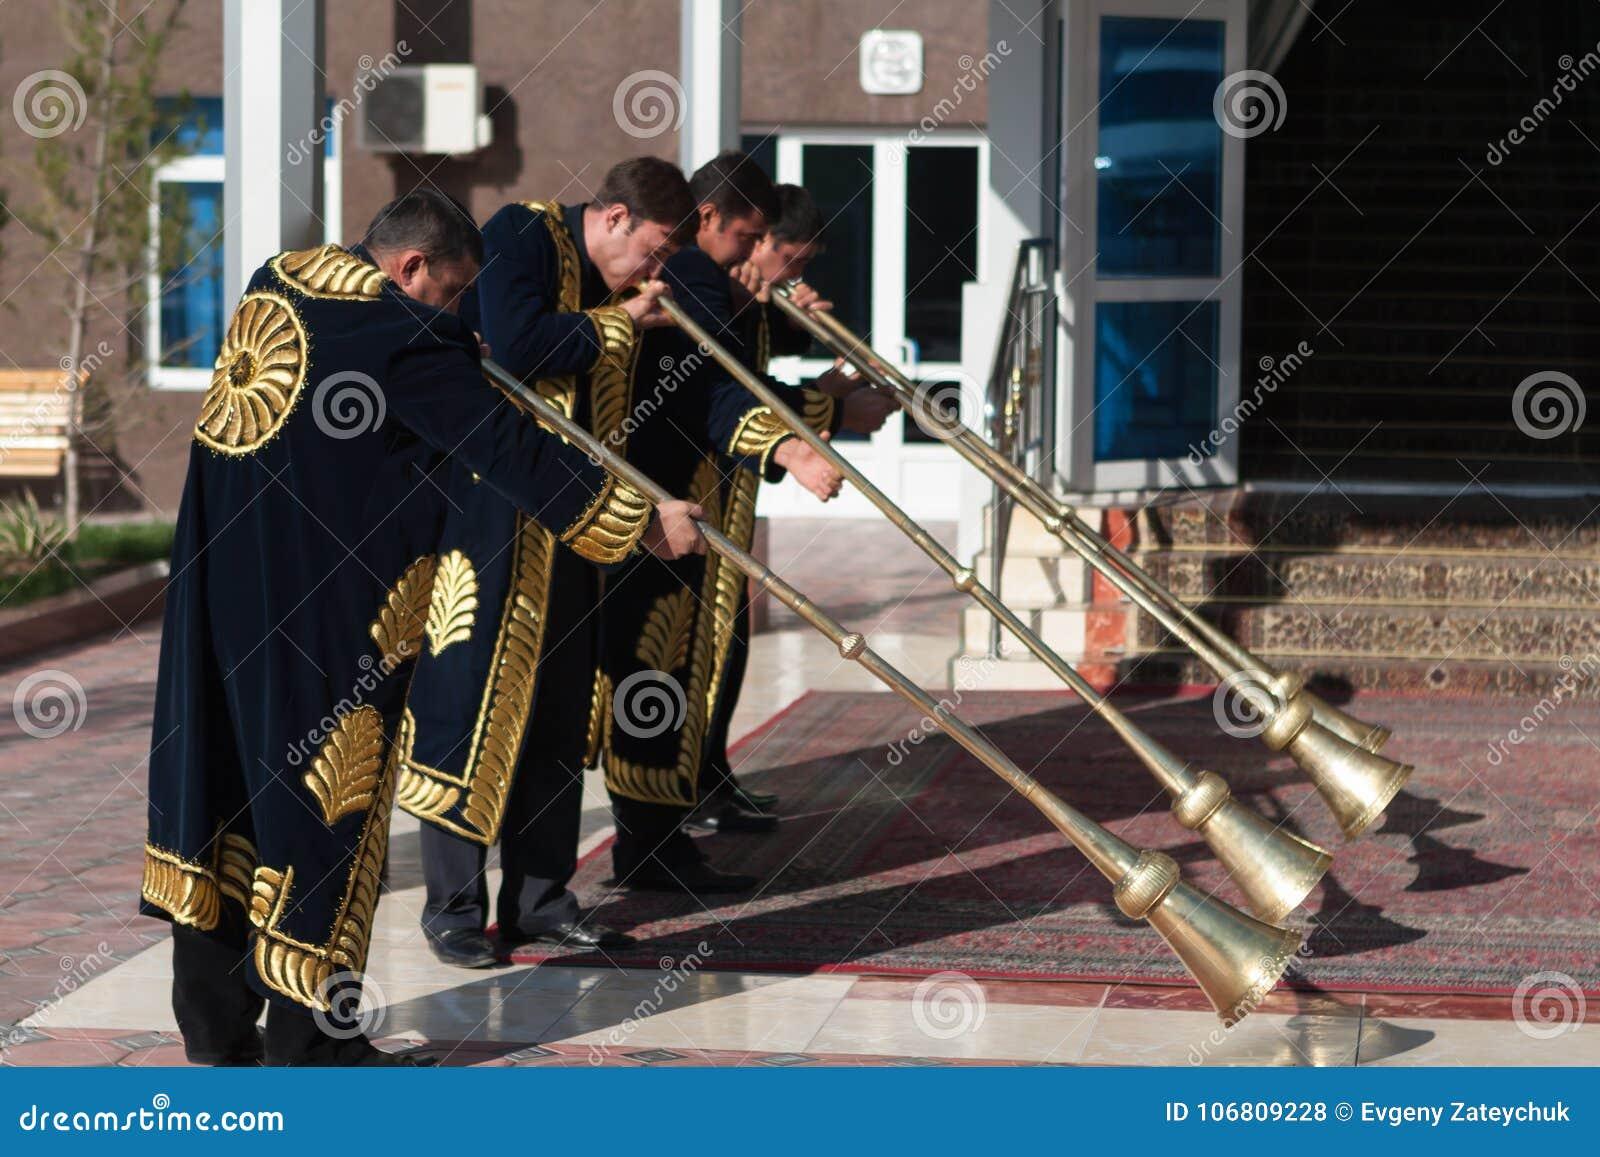 TASJKENT UZBEKISTAN - December 9 2011: Musikermän i traditionella kaftans som spelar det karnay